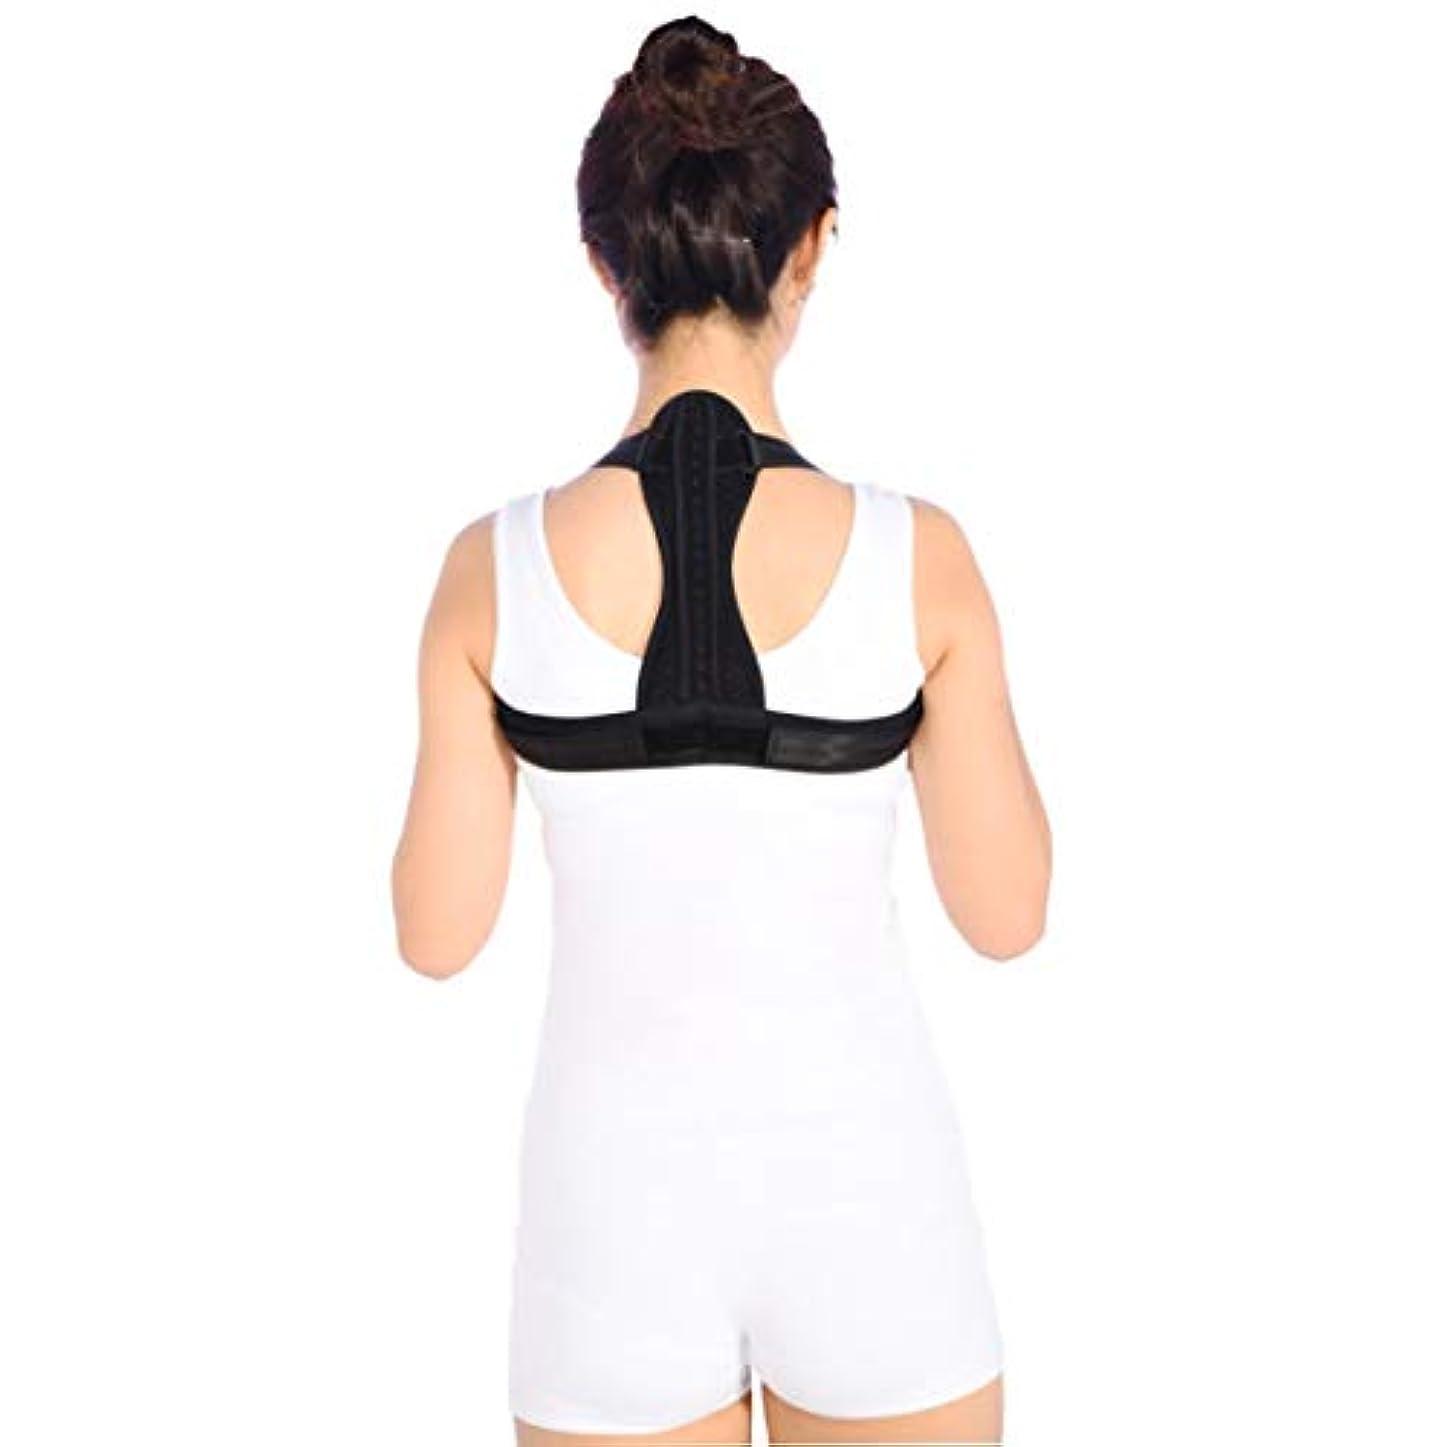 混乱類推主流通気性の脊柱側弯症ザトウクジラ補正ベルト調節可能な快適さ目に見えないベルト男性女性大人学生子供 - 黒